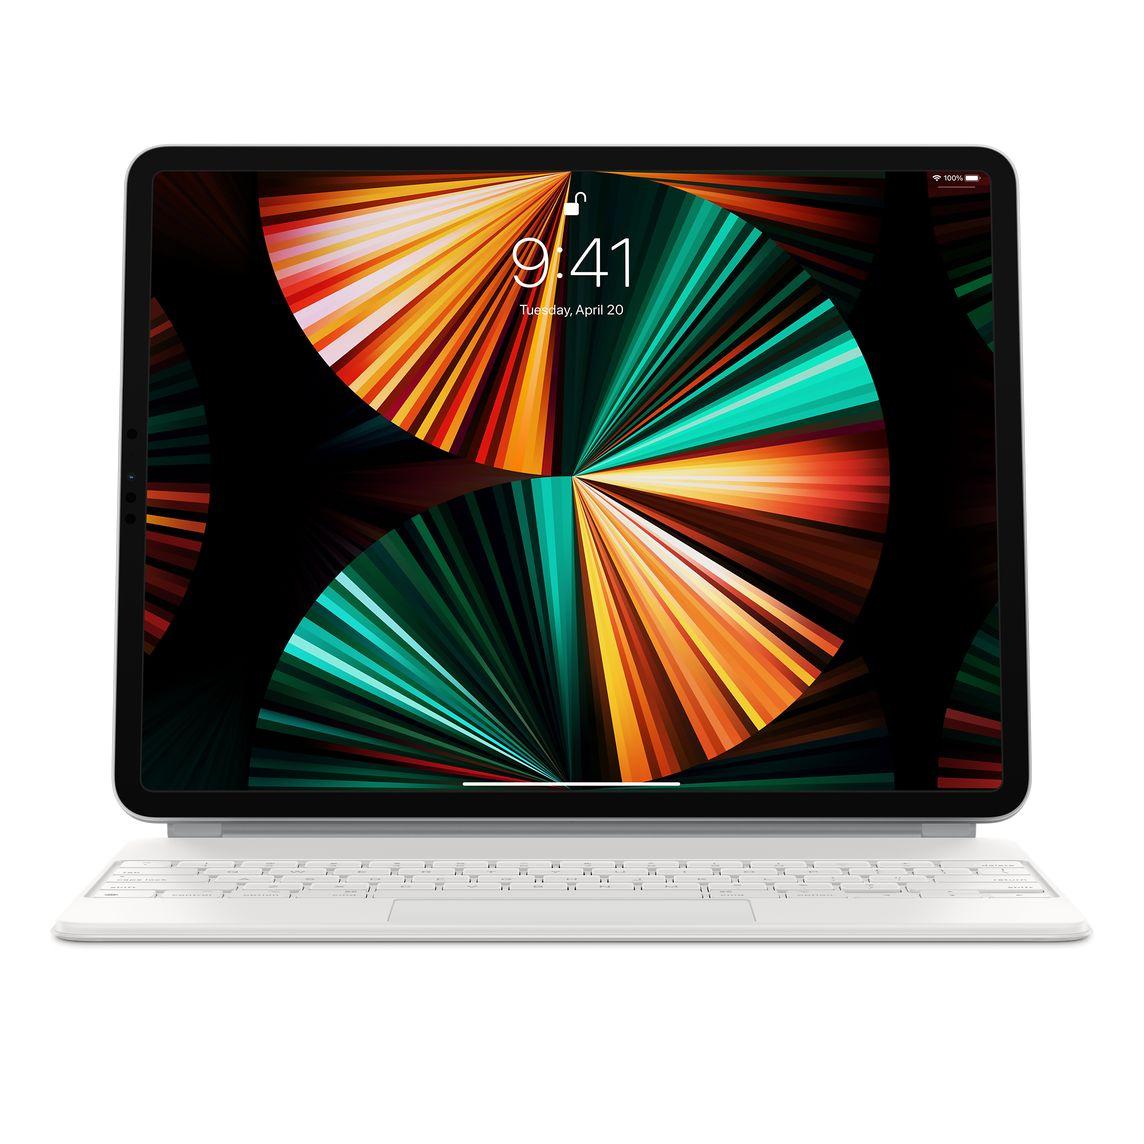 Apple 정품 매직 키보드 iPad Pro 12.9 5세대, 화이트, 영어